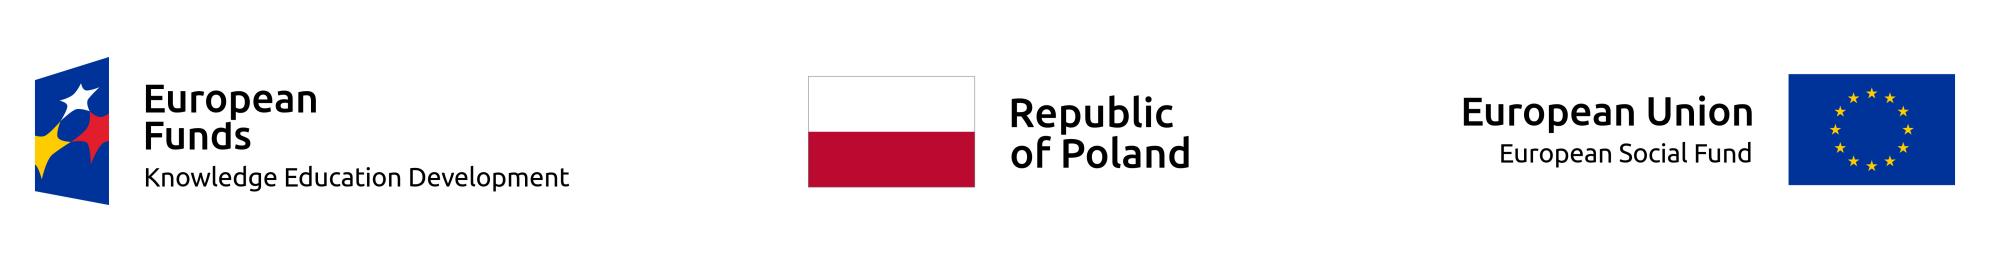 Logo European Funds - Republic of Poland - European Union